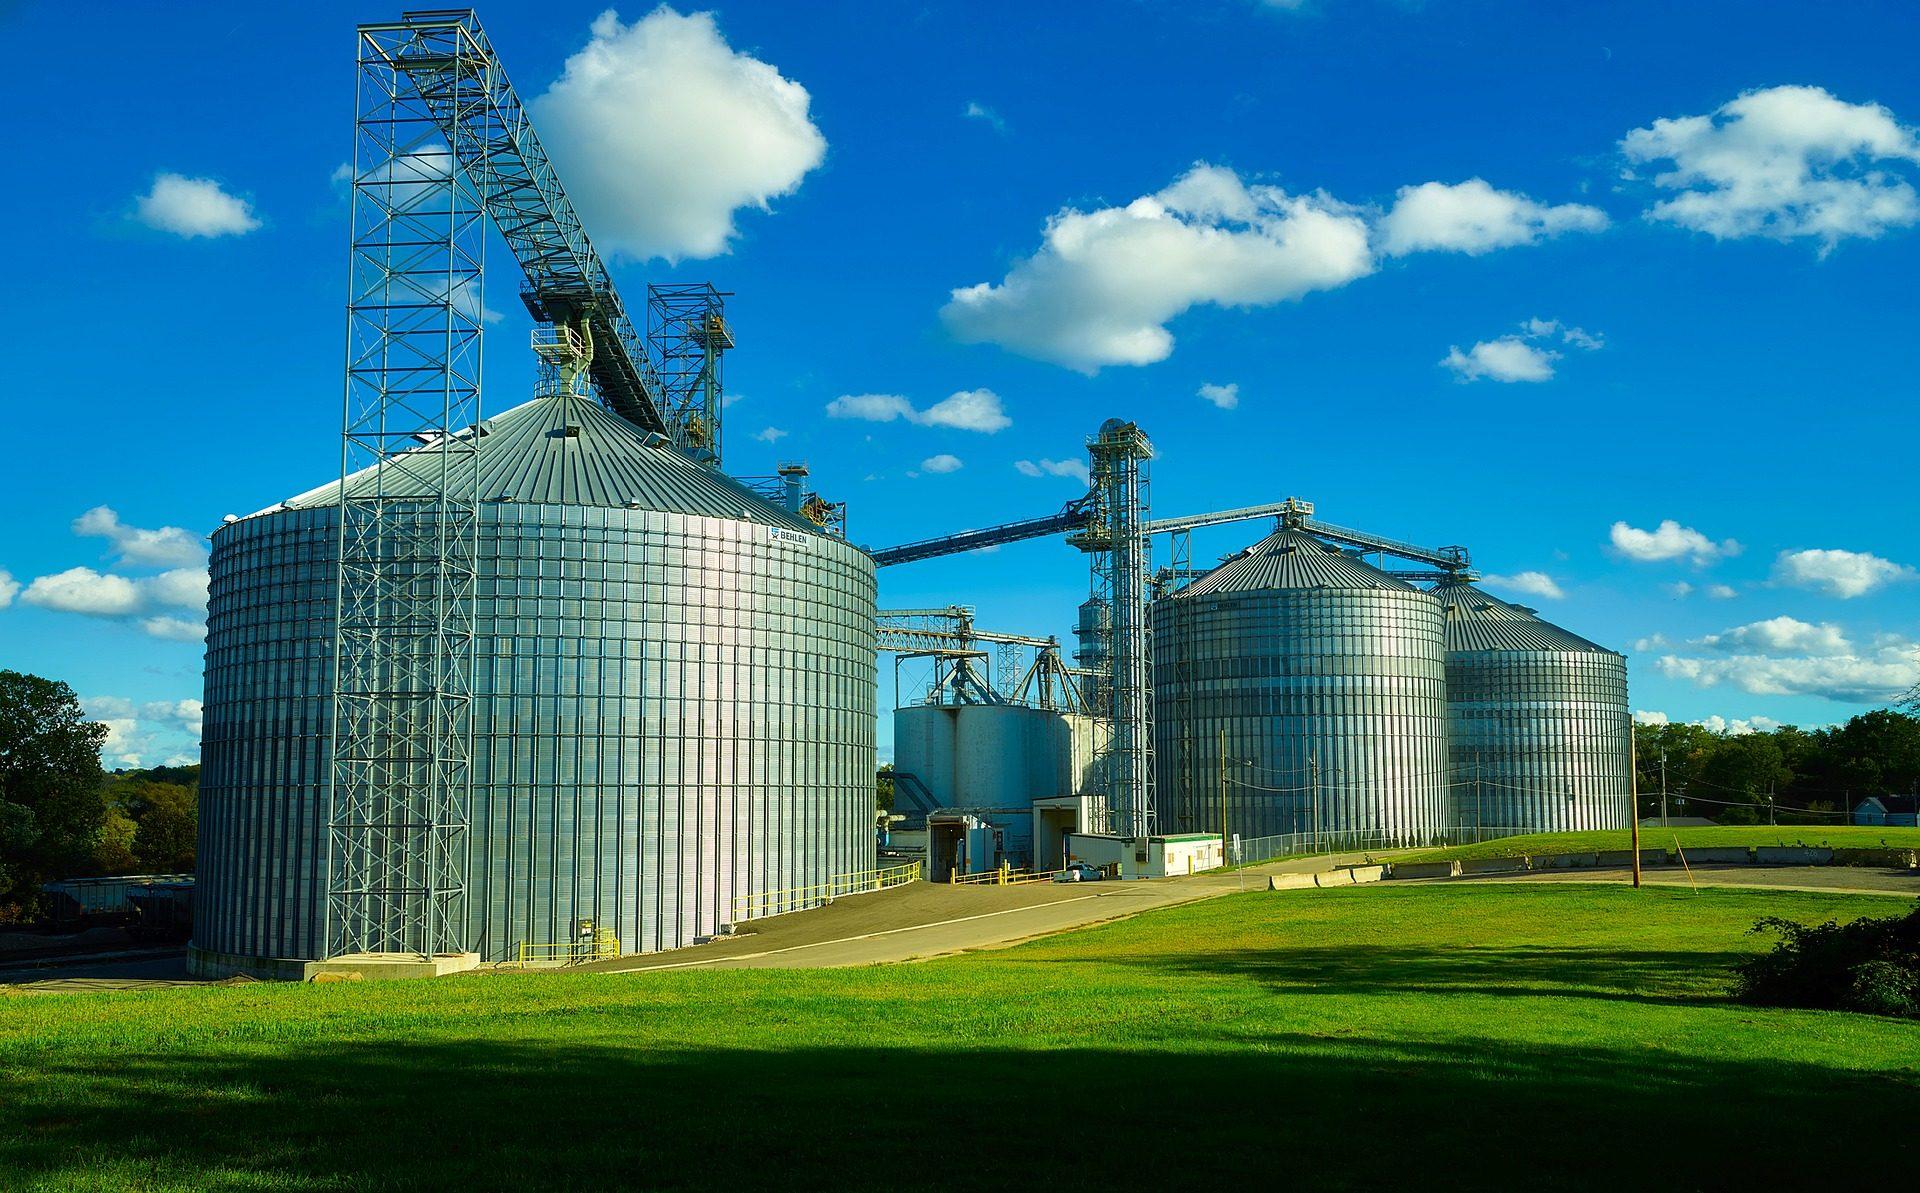 celeiro, silos de, sementes, estruturas, metal, campo, Céu, nuvens - Papéis de parede HD - Professor-falken.com